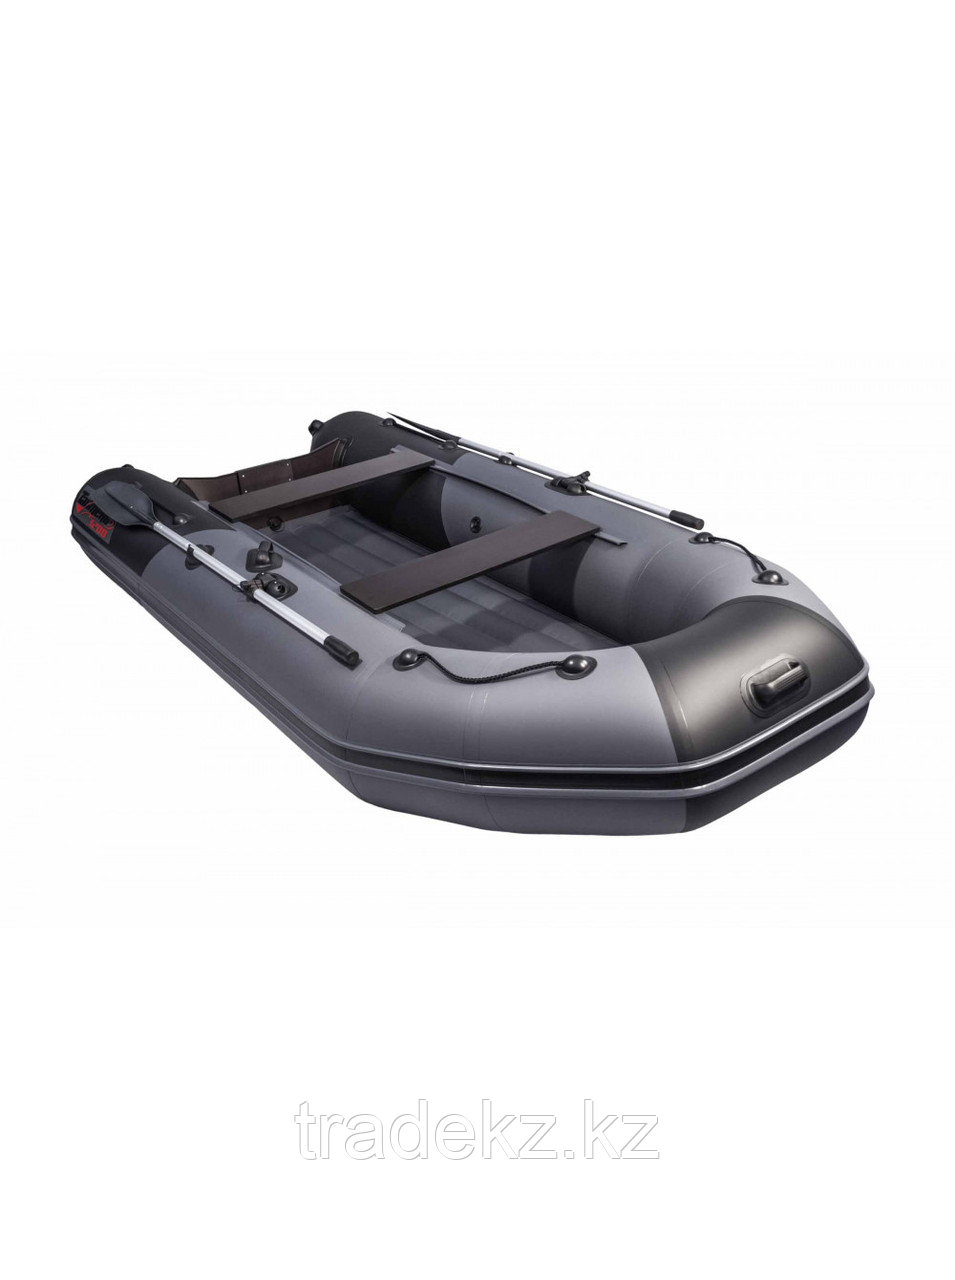 Лодка ПВХ ТАЙМЕНЬ NX 2900 НДНД графит/черный